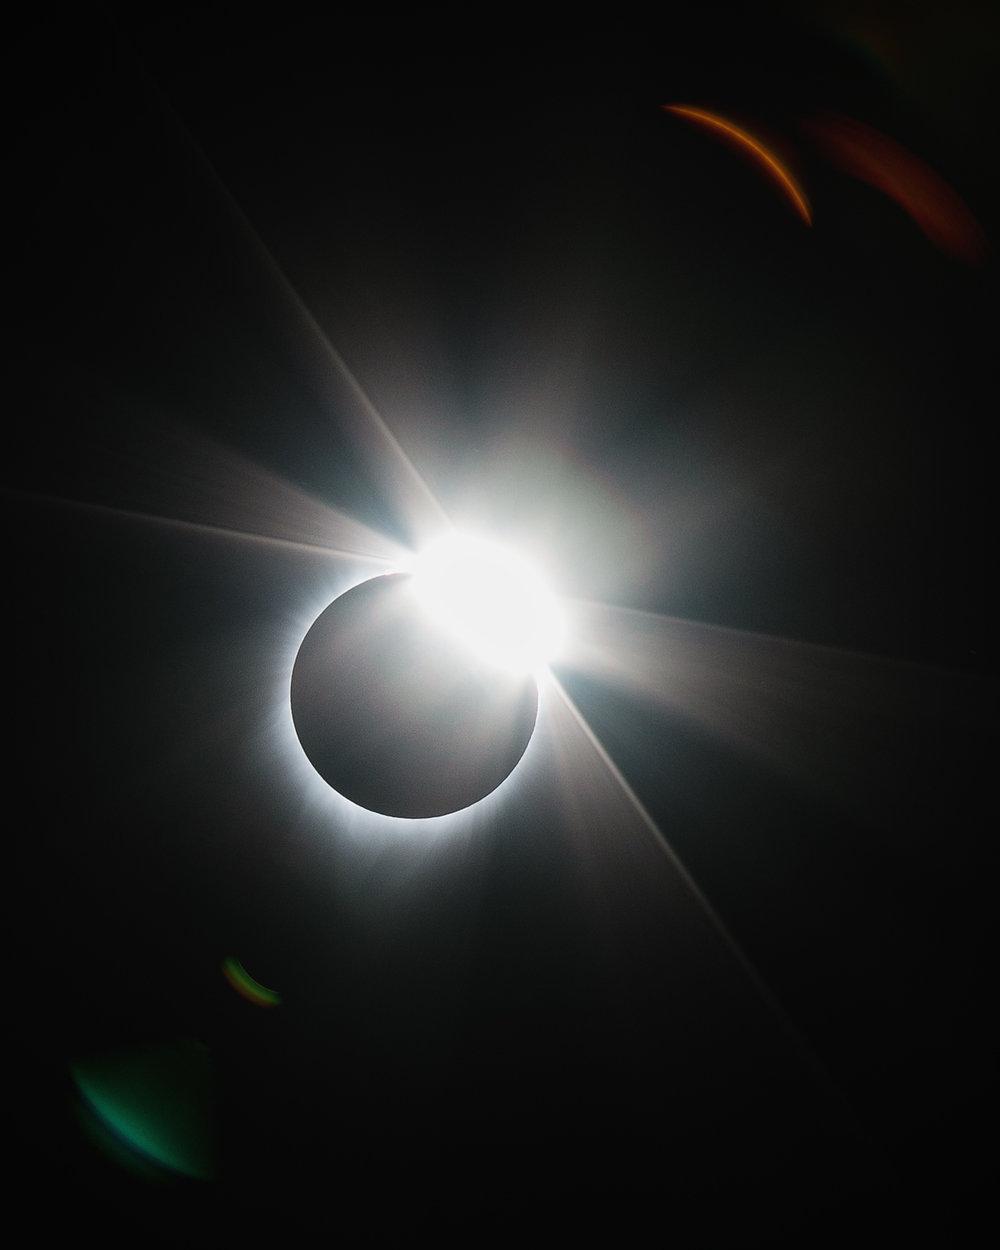 MikeSeehagel_Mitshbishi-Eclipse_01.jpg